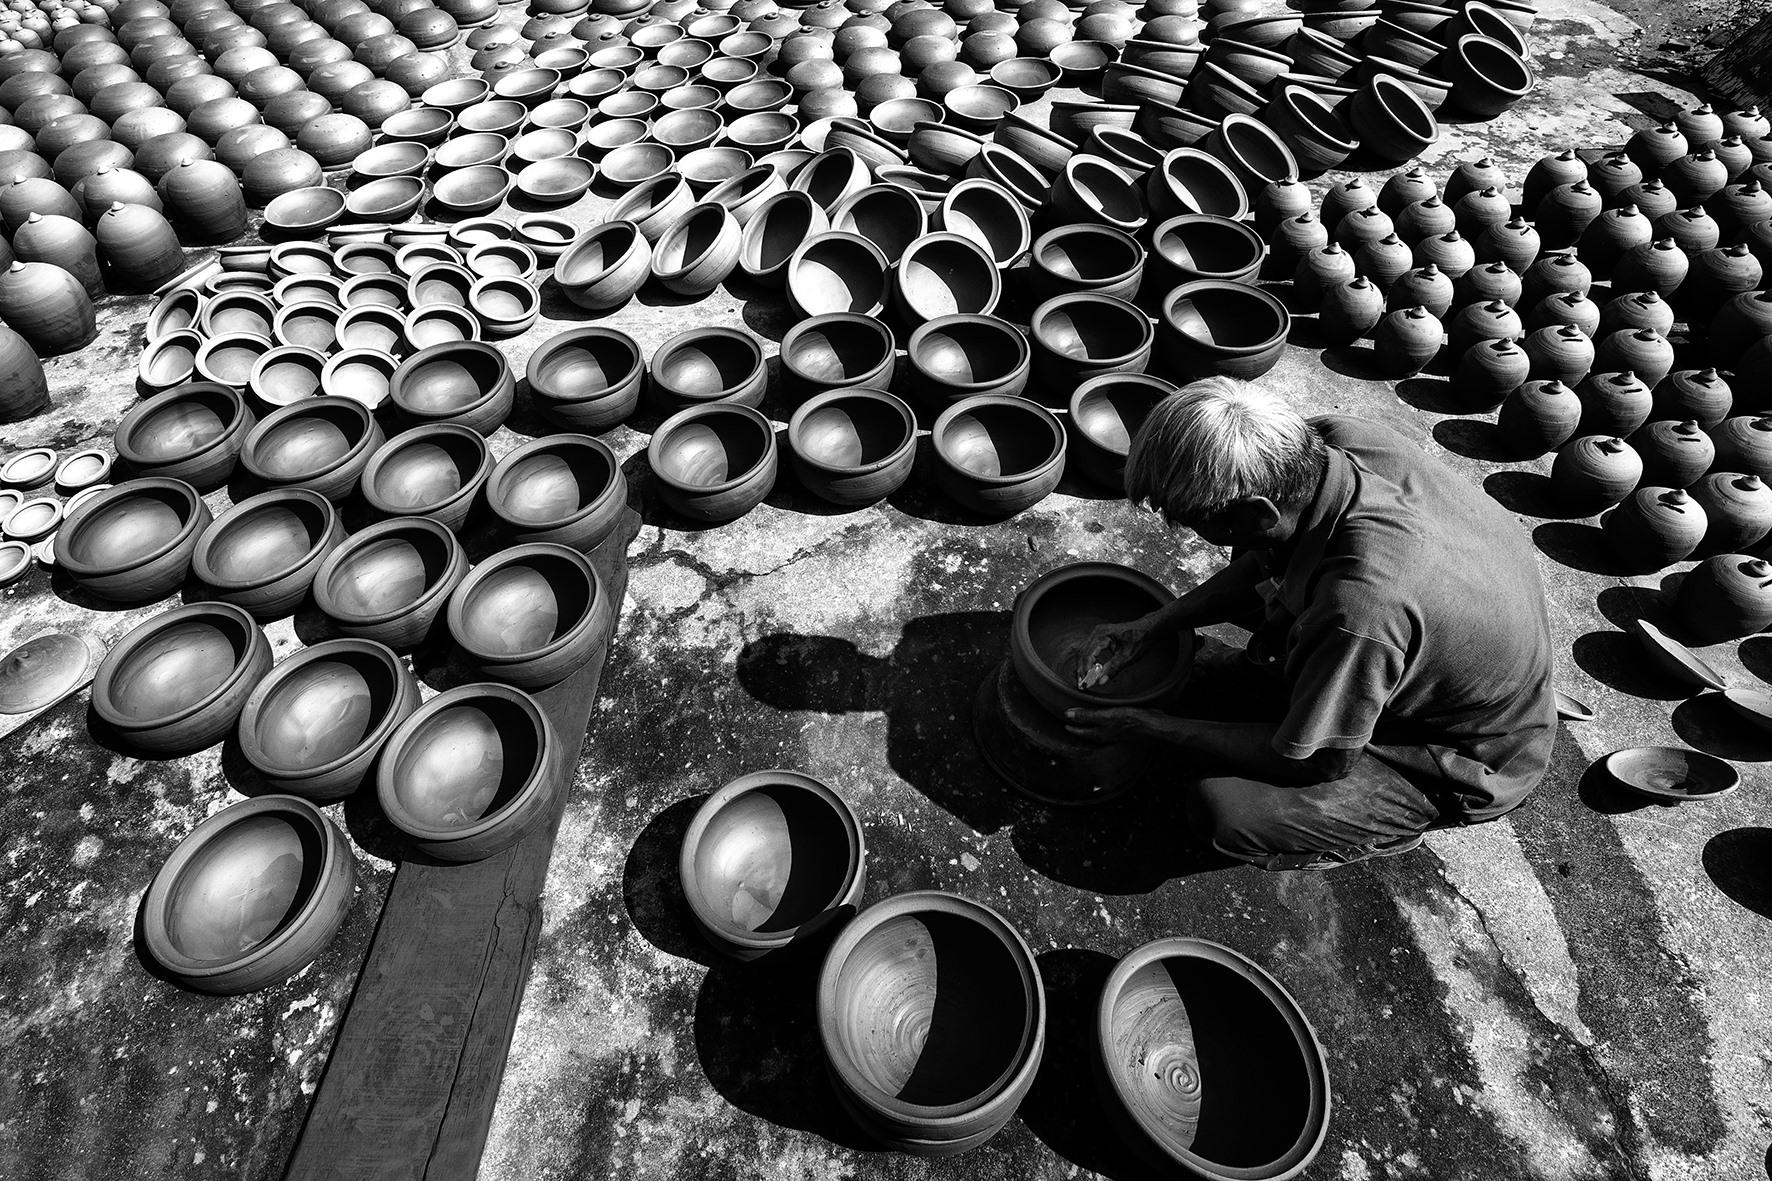 Nghệ nhân làng nghề đã có nhiều cống hiến nhưng đến nay vẫn chưa có cơ chế hỗ trợ thích đáng. Ảnh: L.T.K